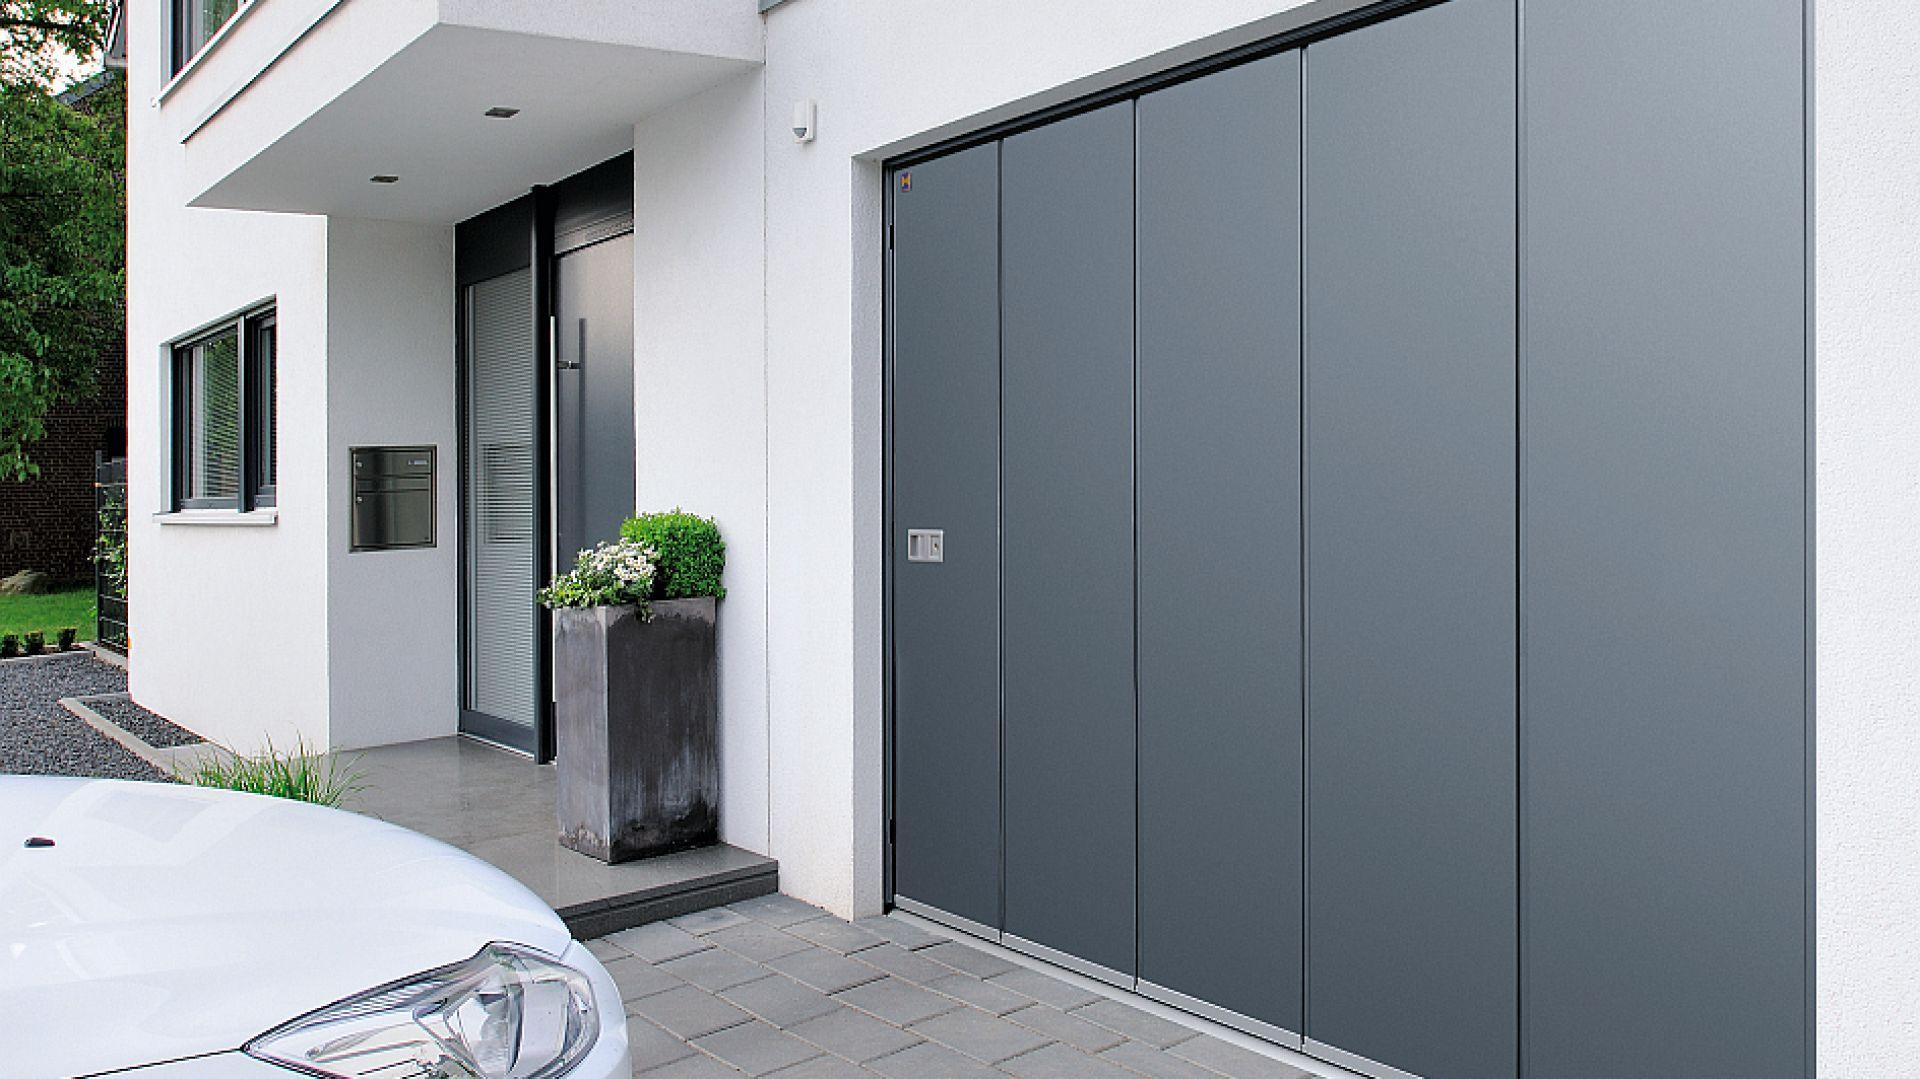 Brama segmentowa boczna HST otwiera się na bok i strop garażu może być wykorzystany w nieograniczonym stopniu. Dostępna w ofercie firmy Hörmann. Fot. Hörmann